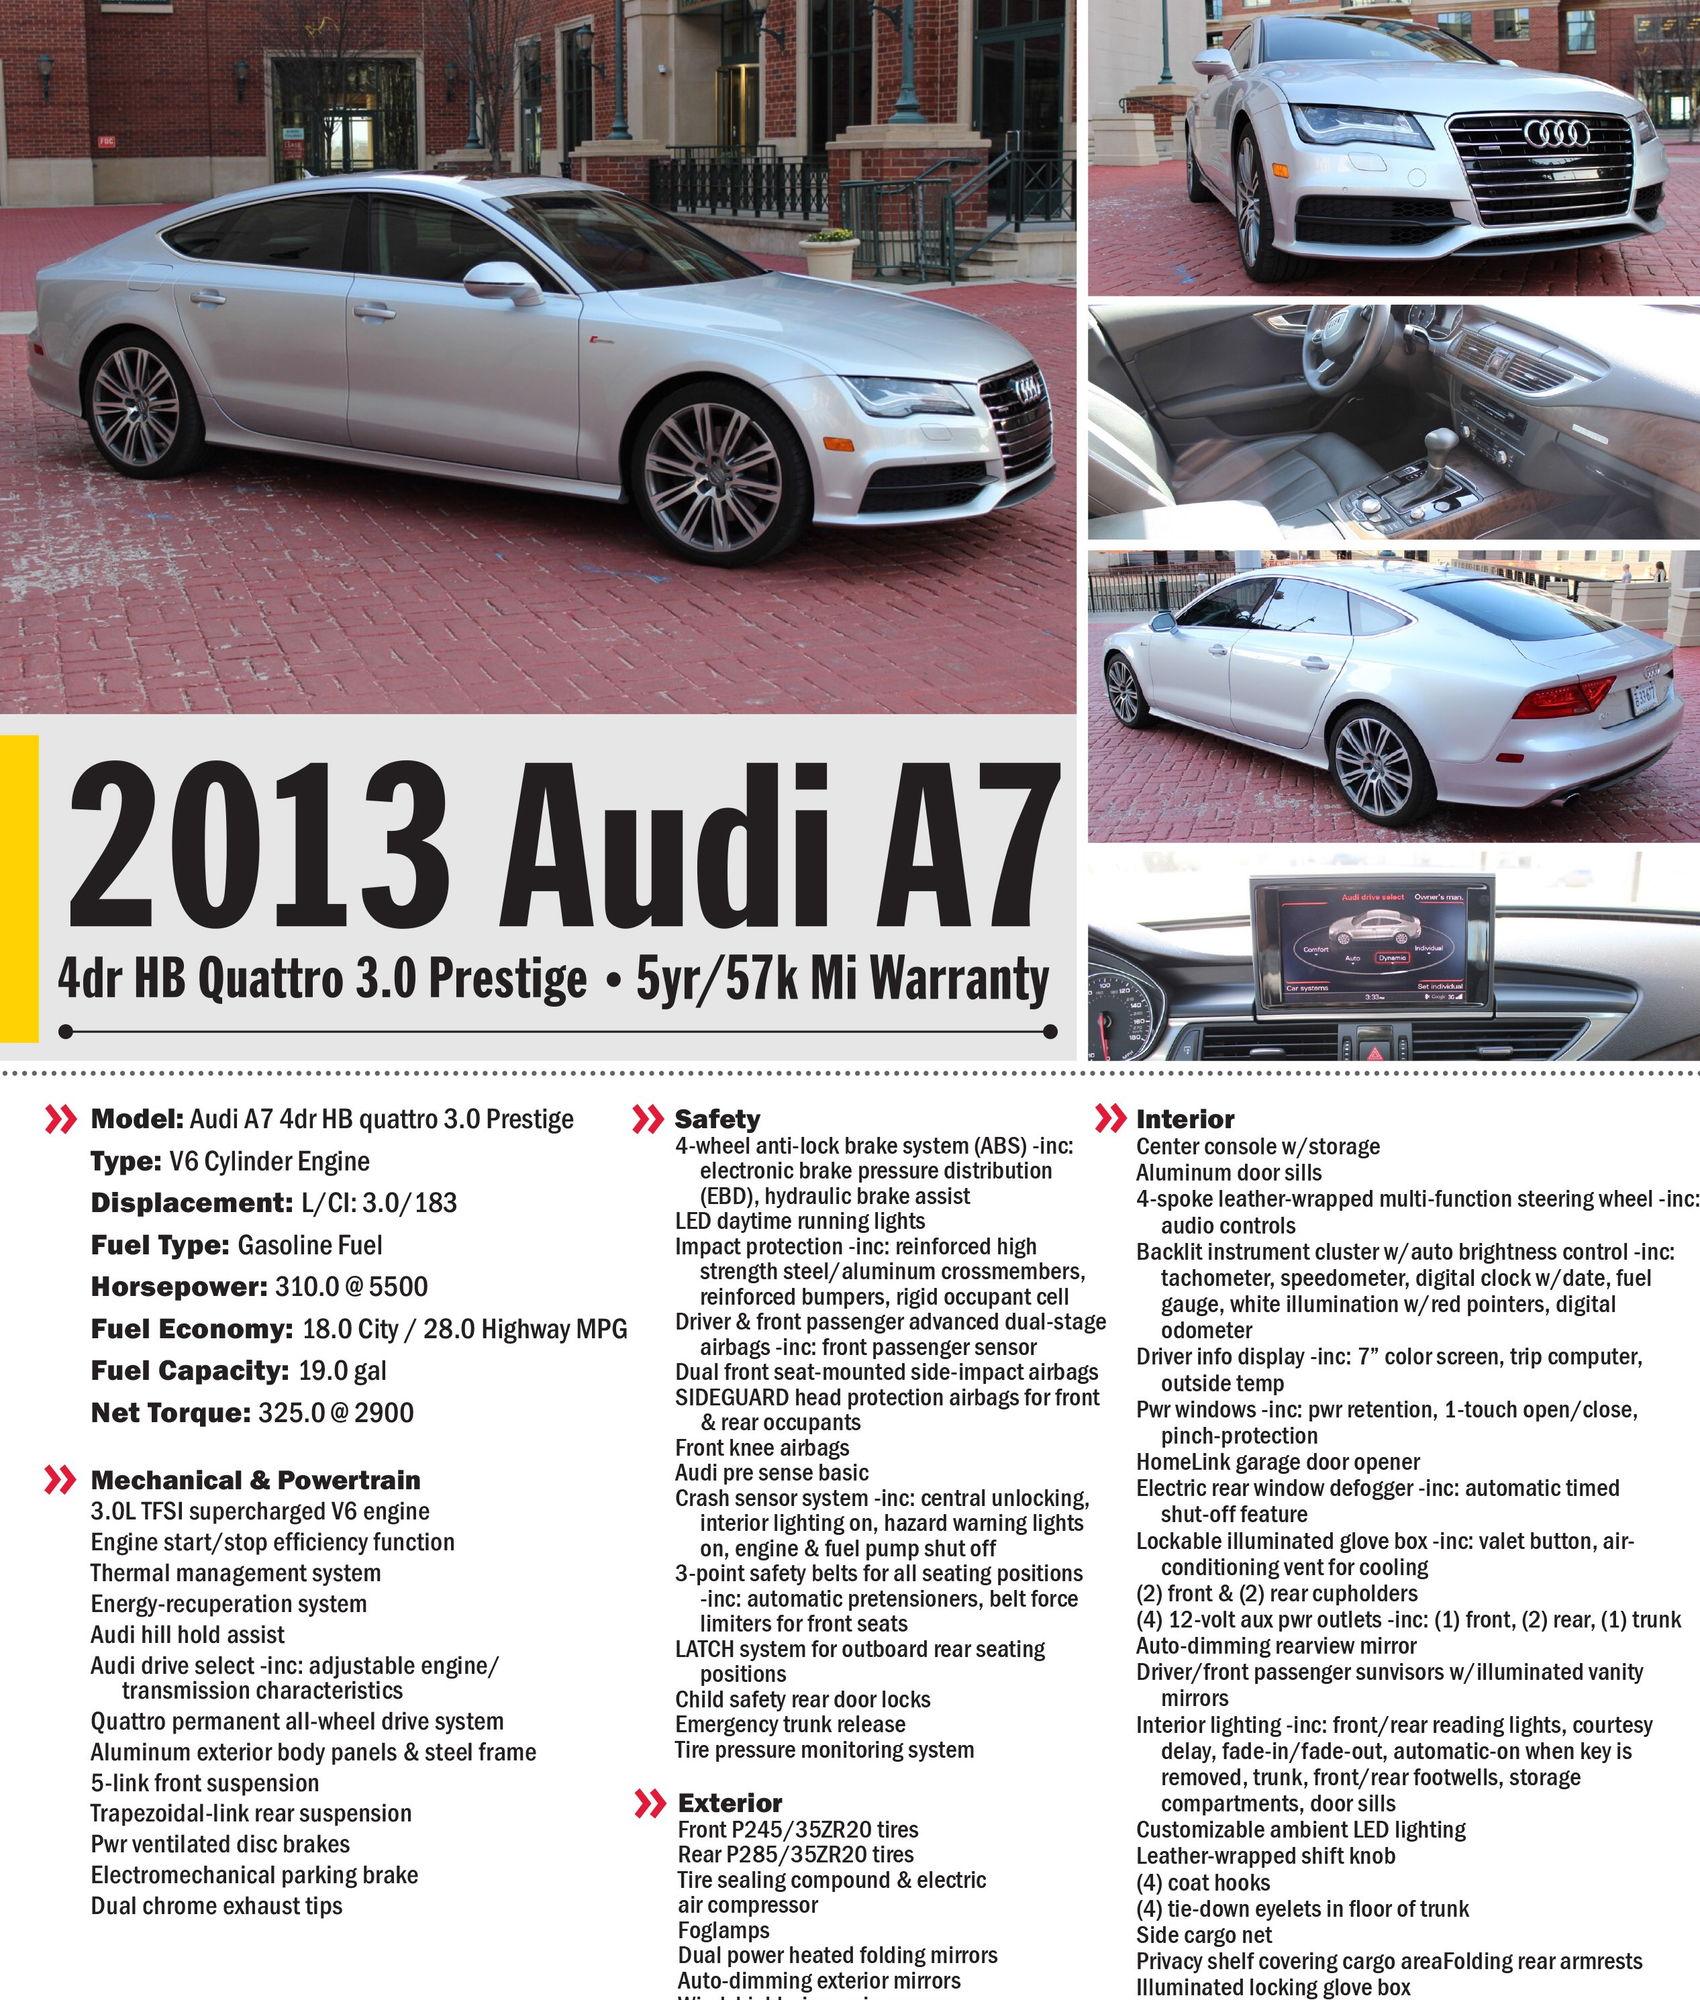 Audi A7 2013 AUDI A7